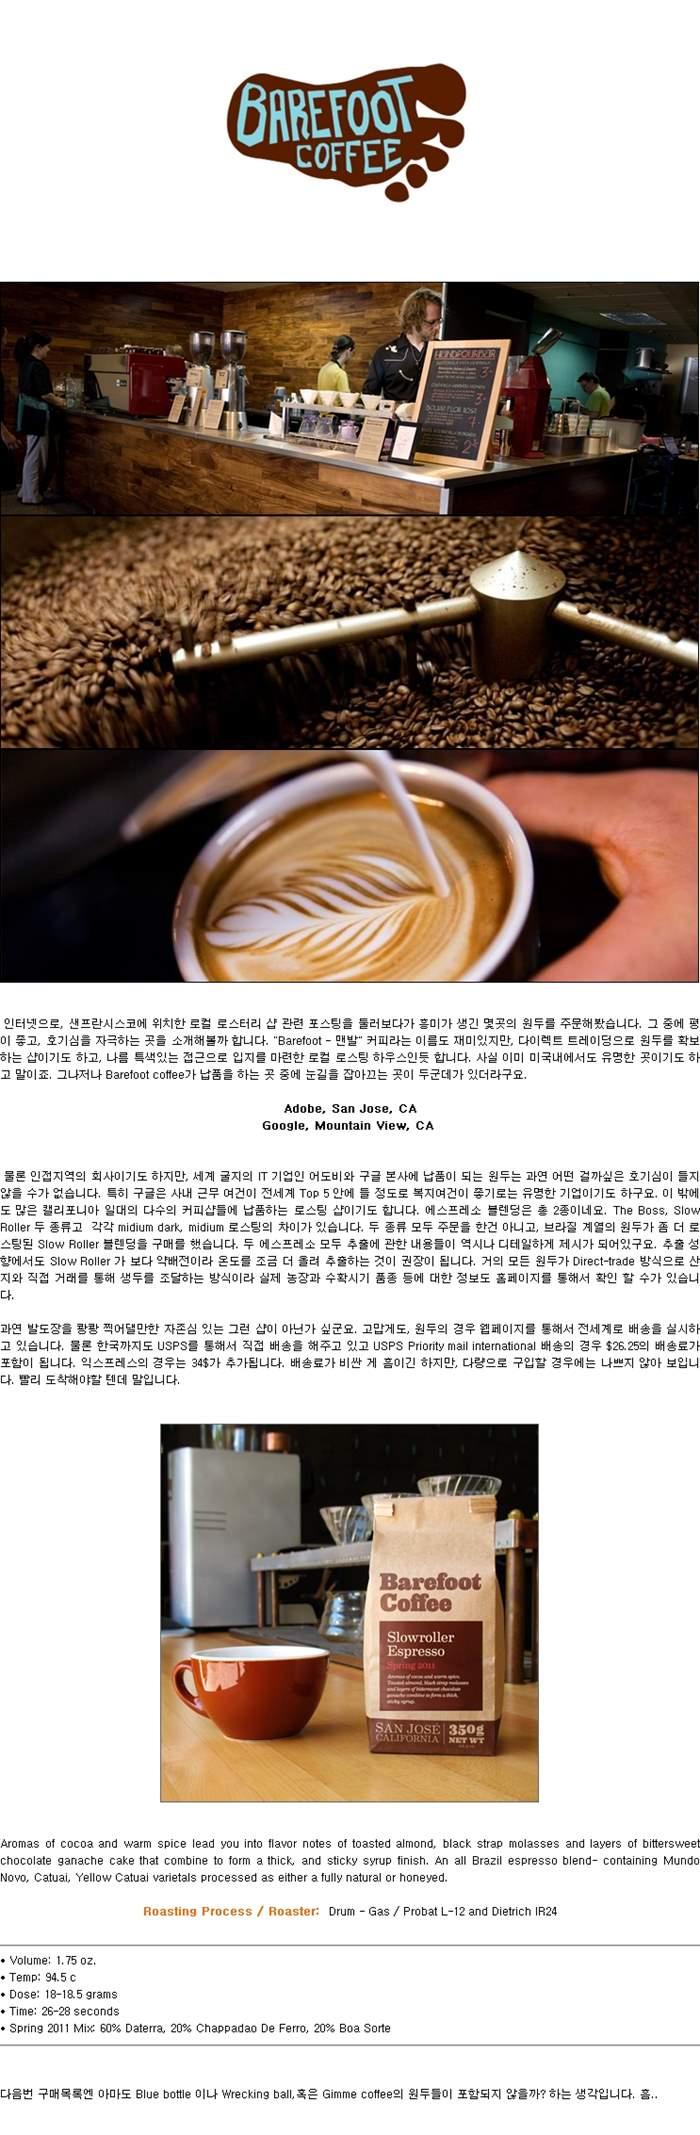 2012-10-26 09;41;54.jpg